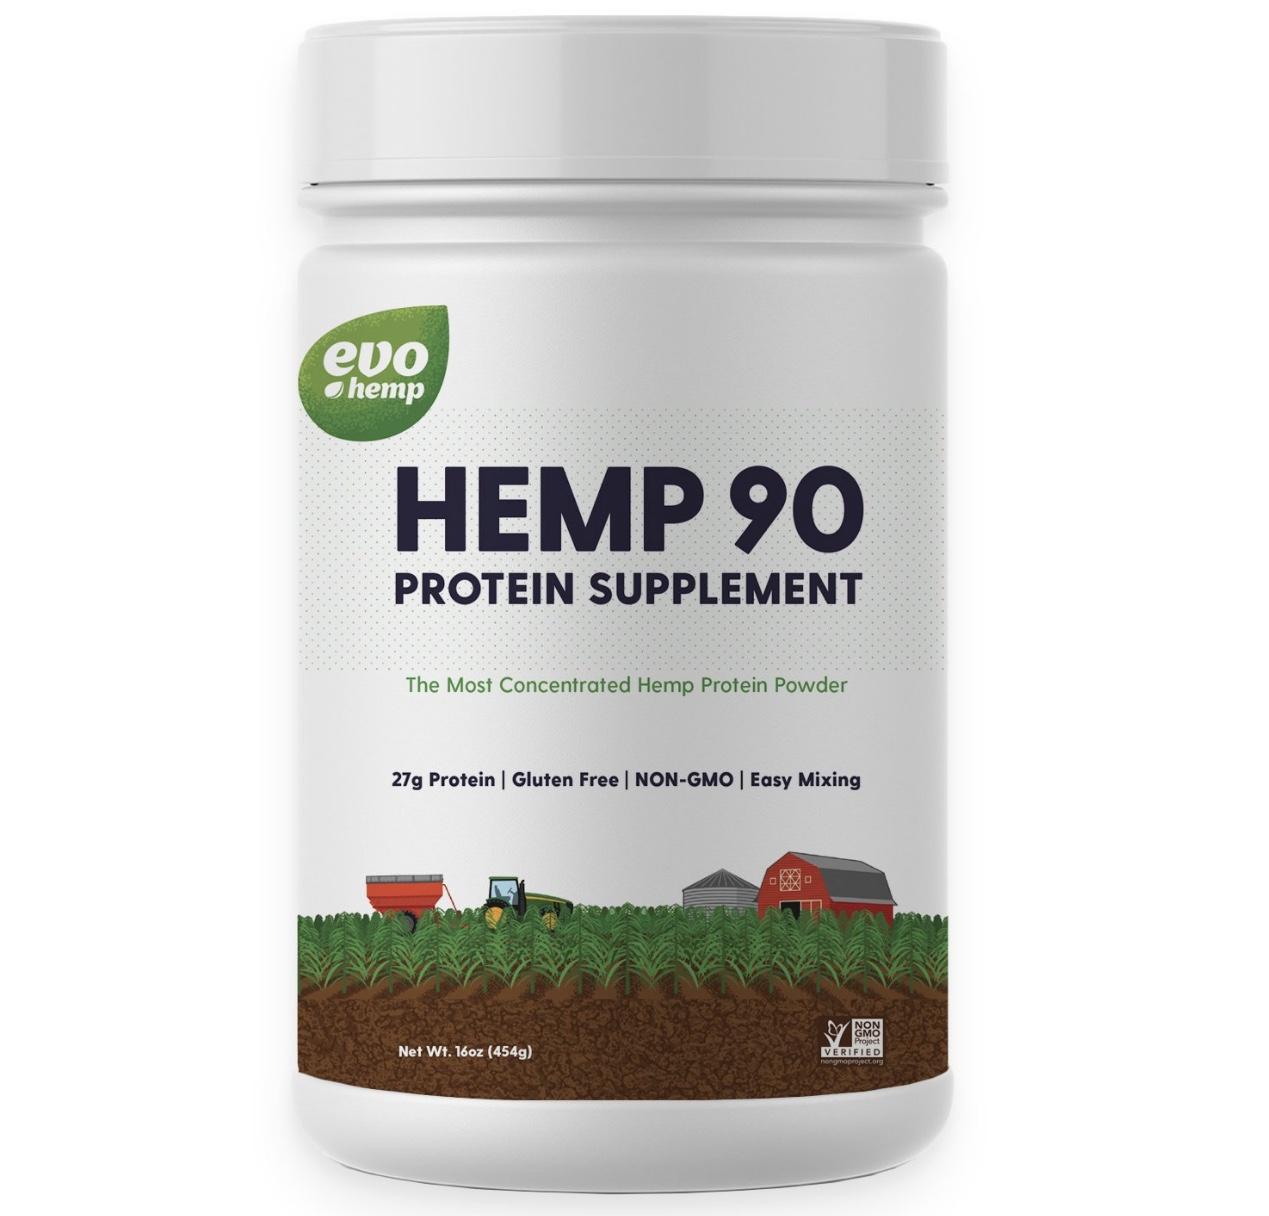 evo hemp, hemp 90 protein